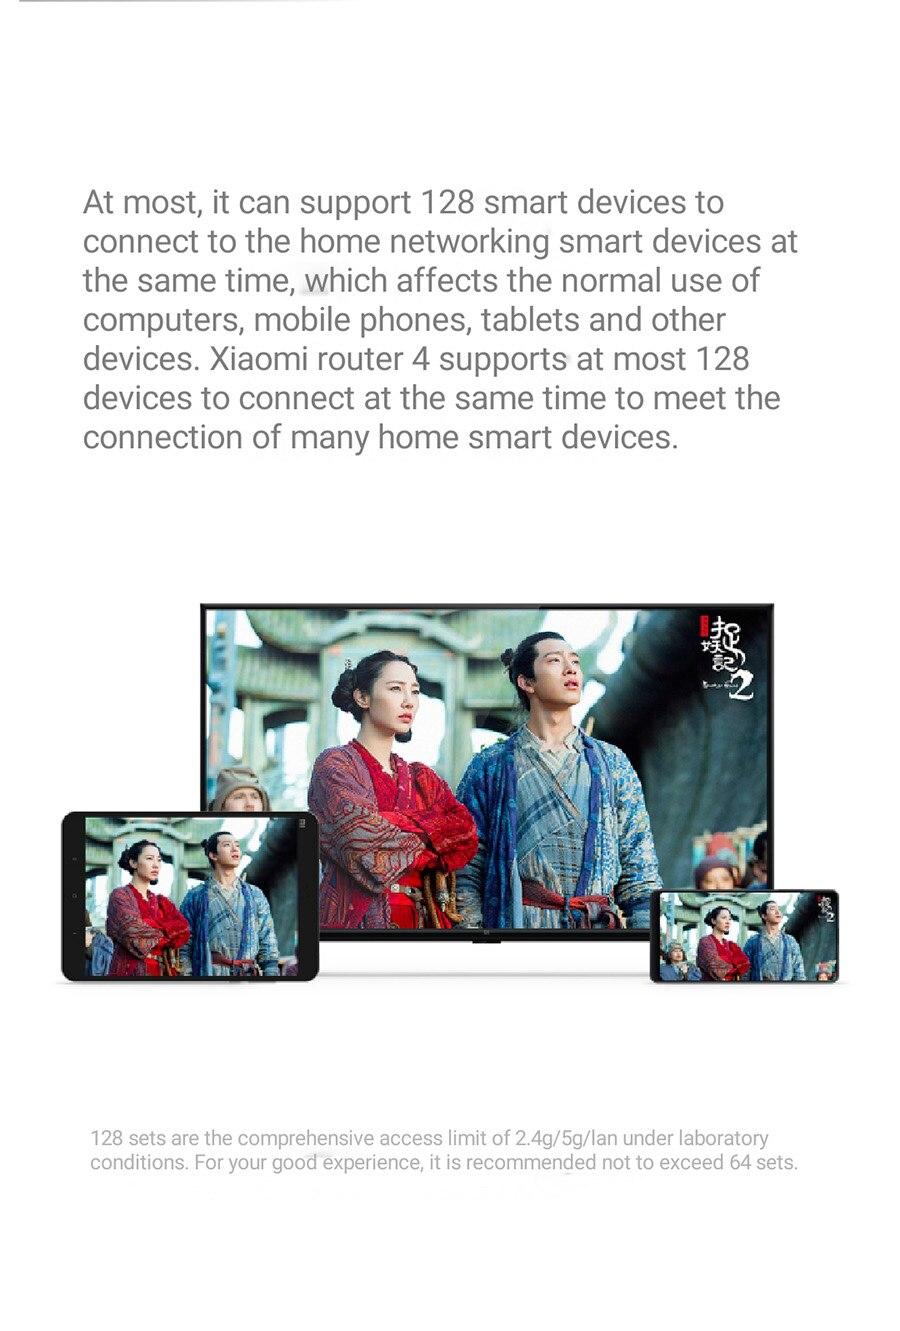 de sinal de armazenamento fácil acesso ao número de rede